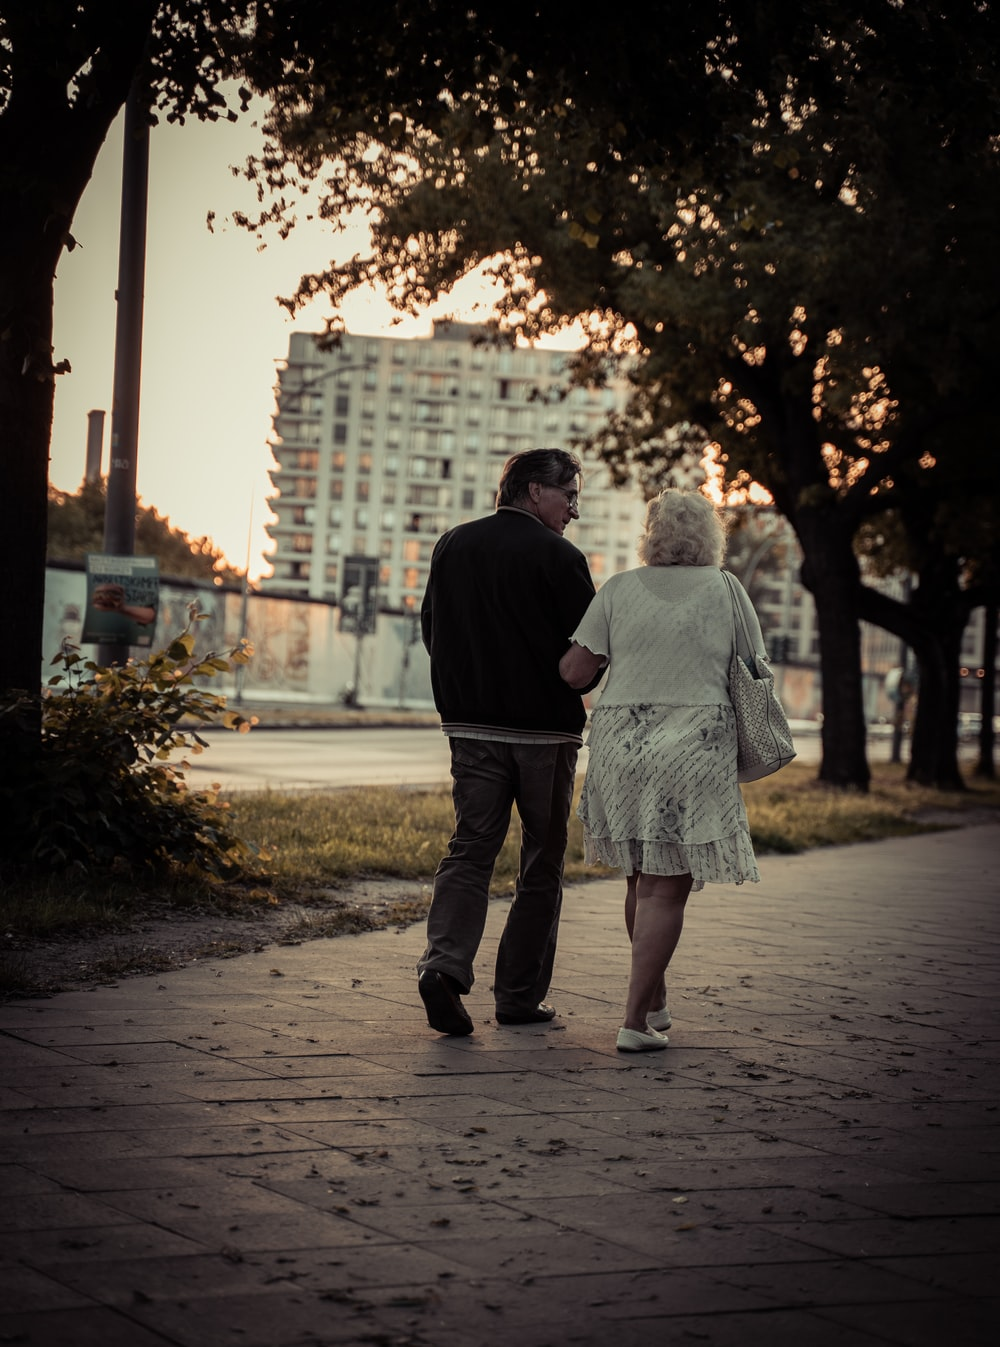 couple walking on sidewalk during daytime